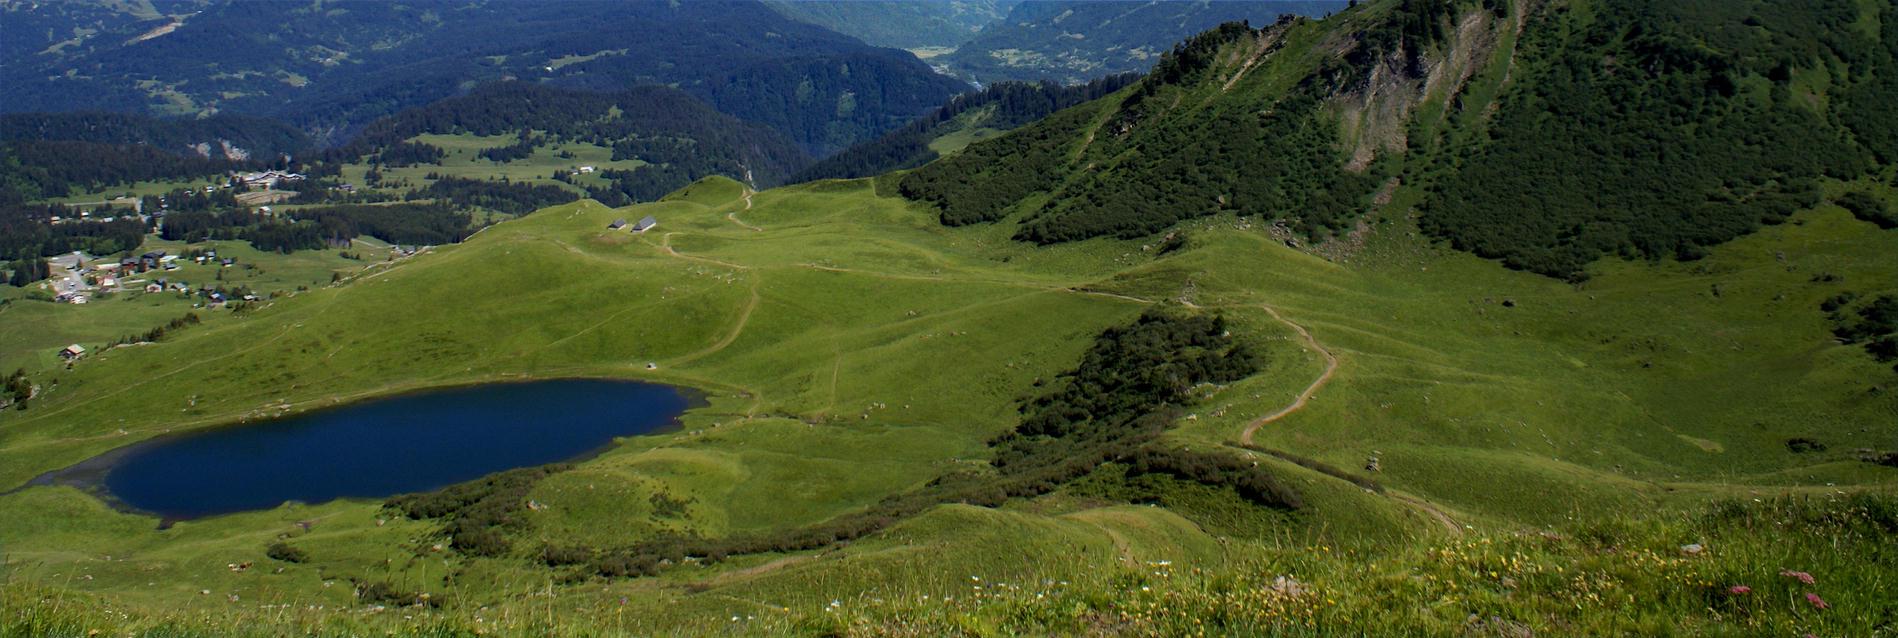 Lac de Roy Praz de Lys Sommand